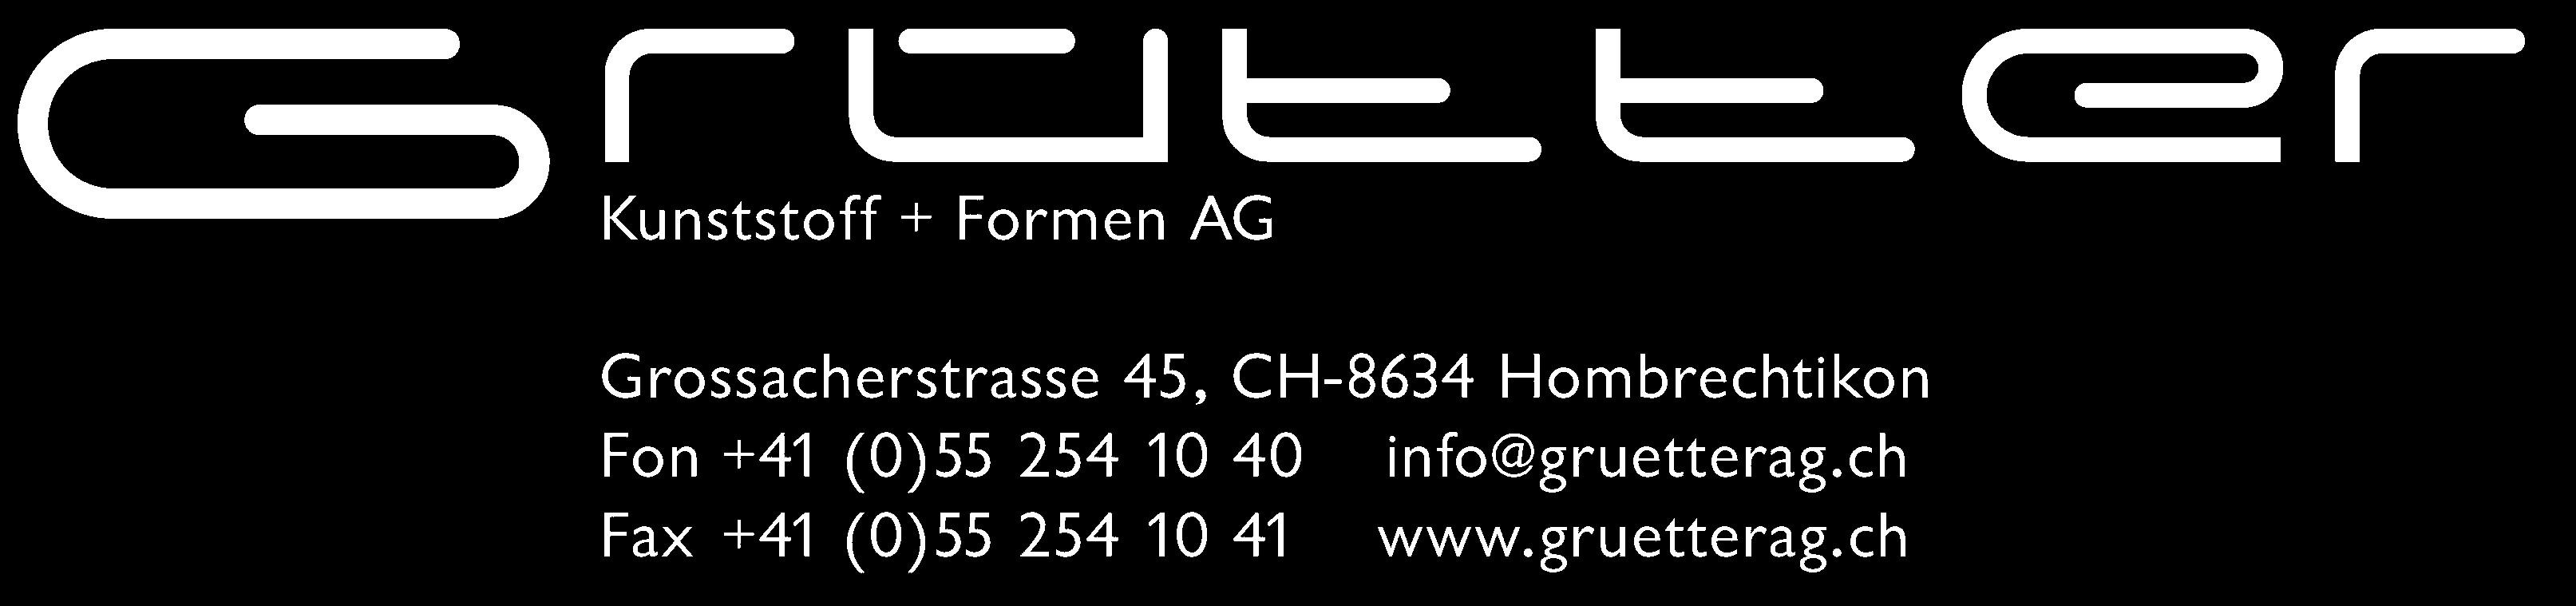 Grütter Kunststoff + Formen AG